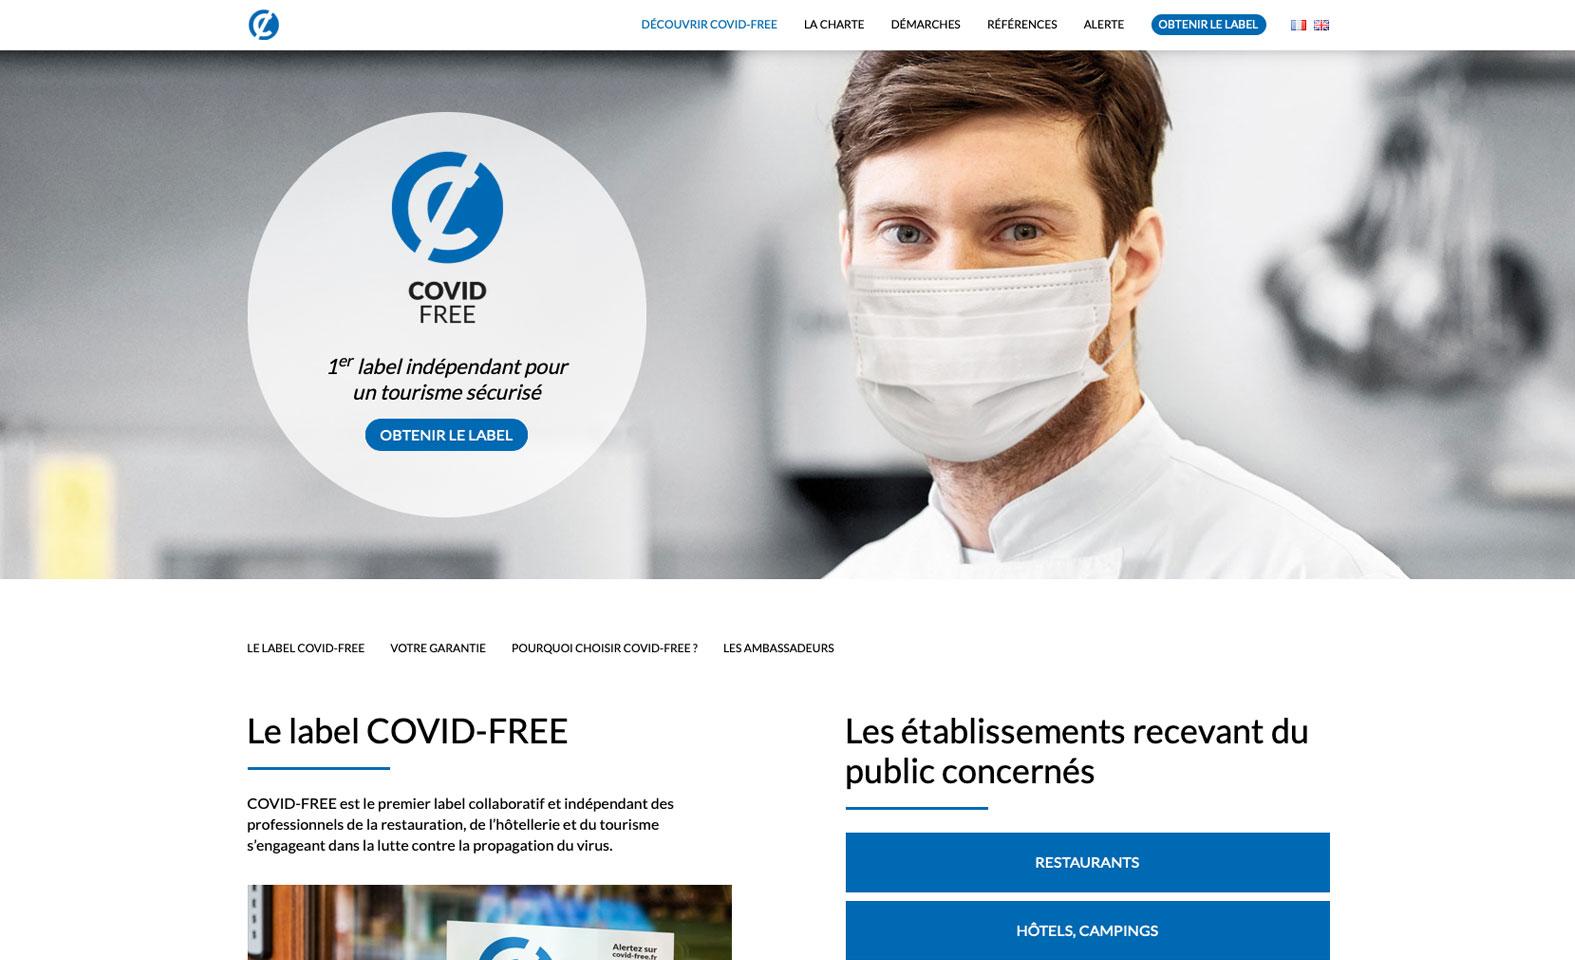 Site web COVID-FREE